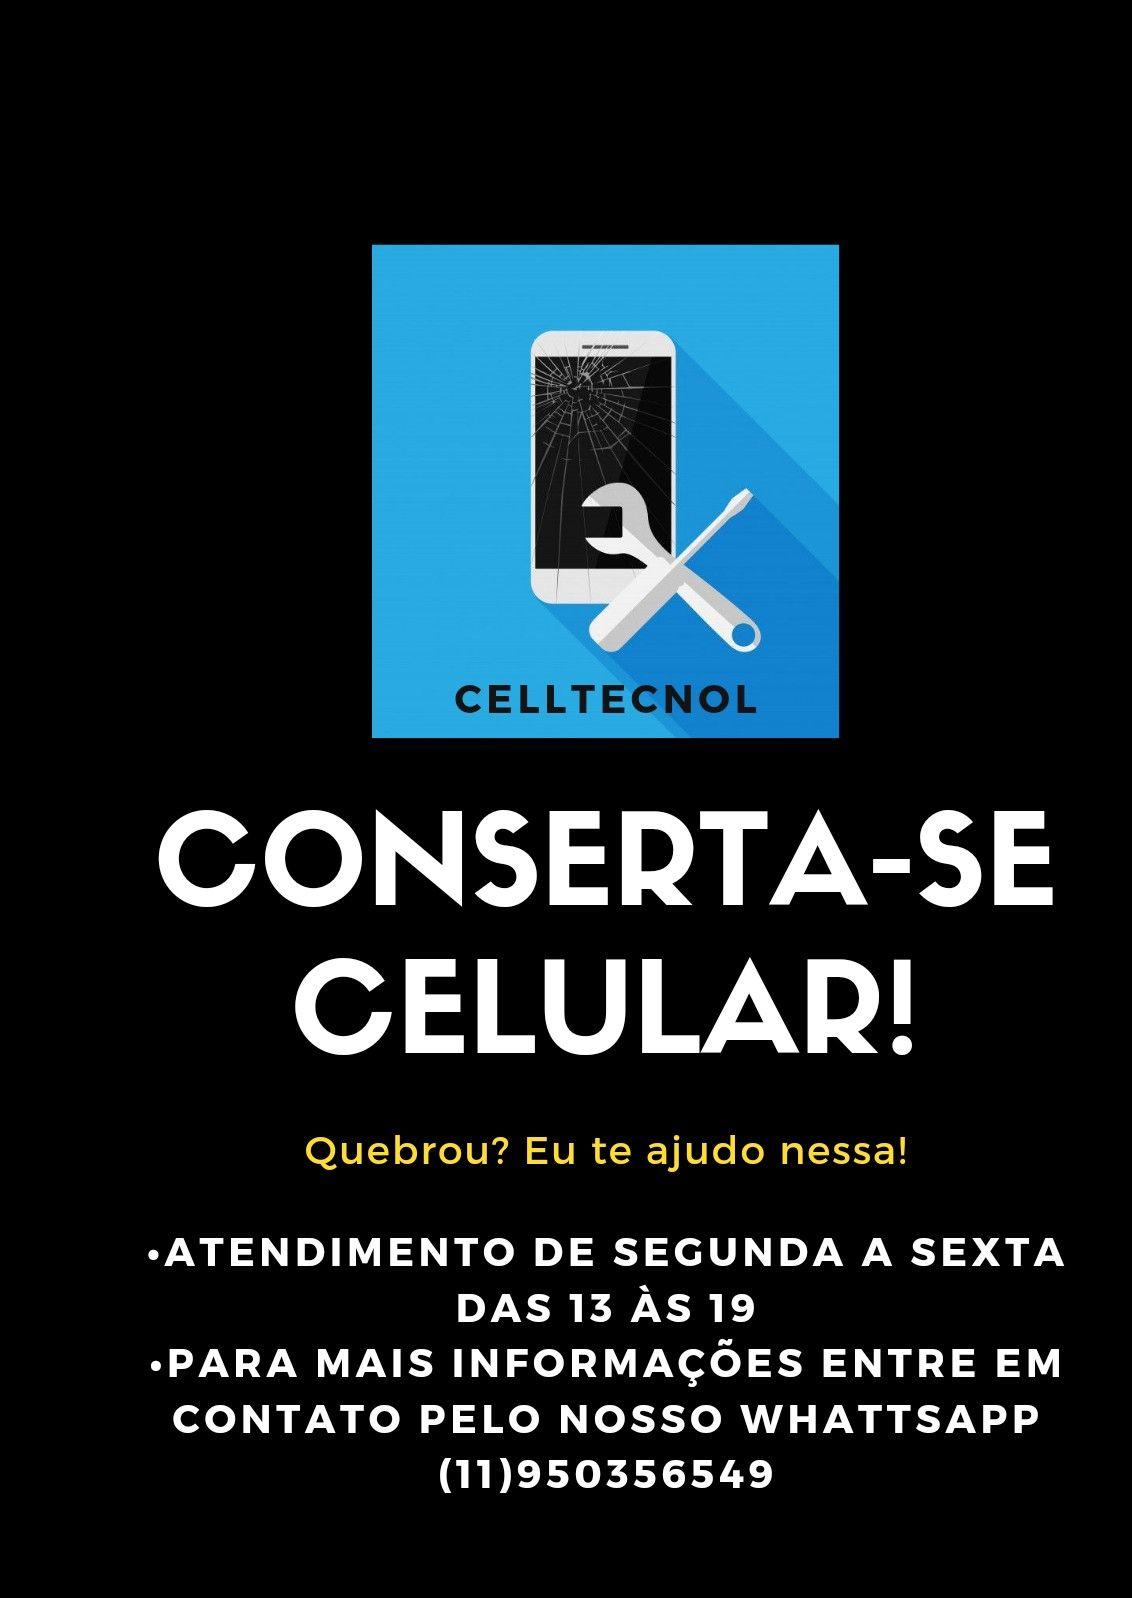 técnico de celulares